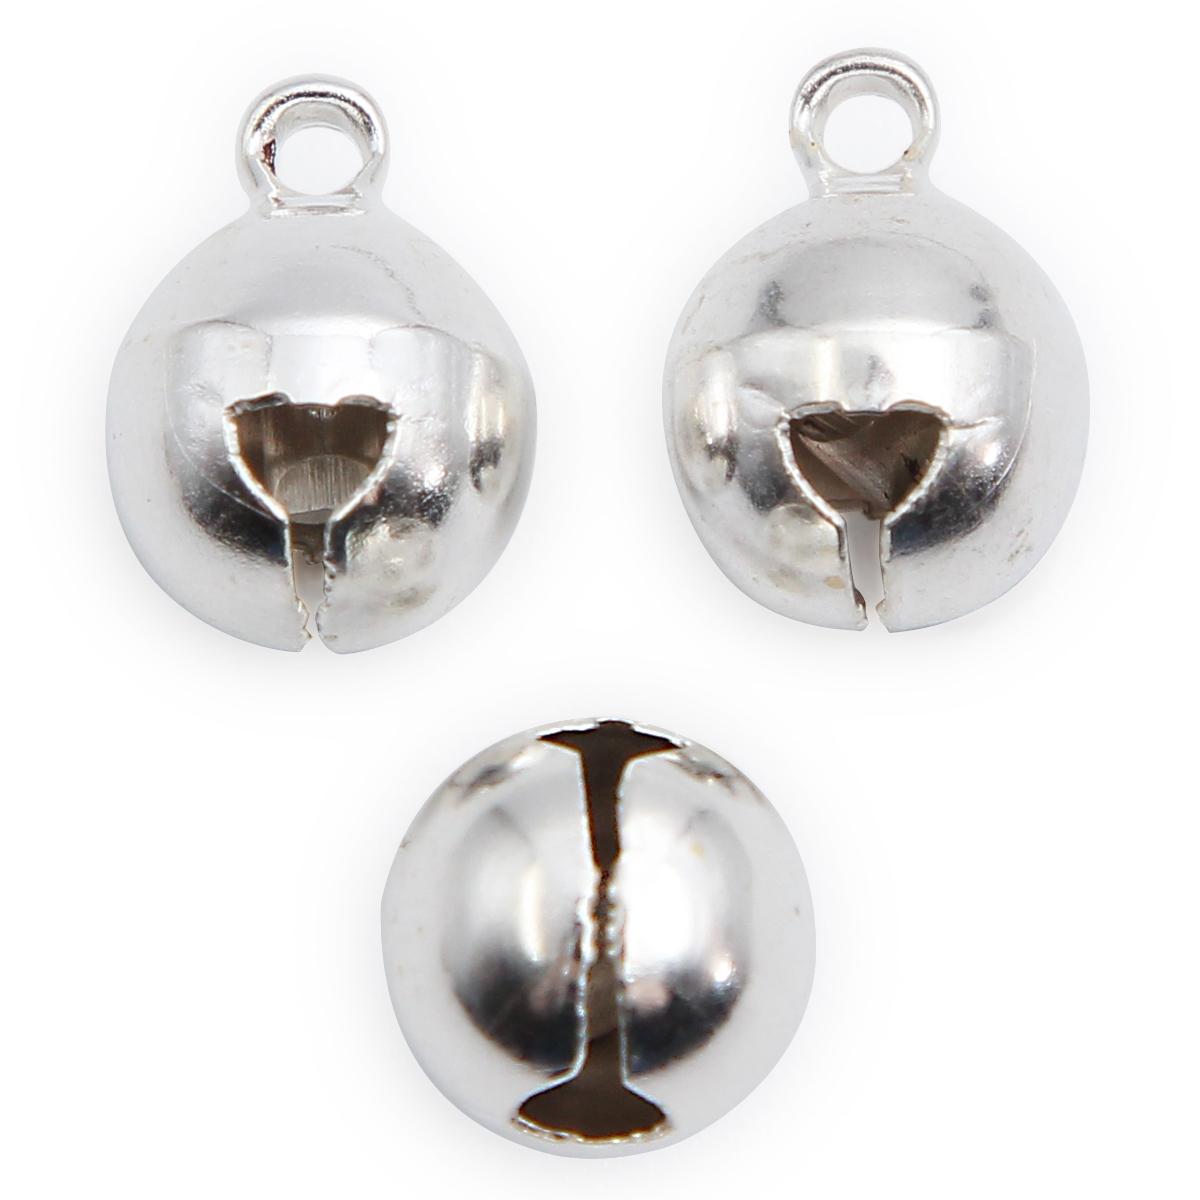 Бубенчик, металл, 10 мм, упак./50 шт., 'Астра' (серебро) фото